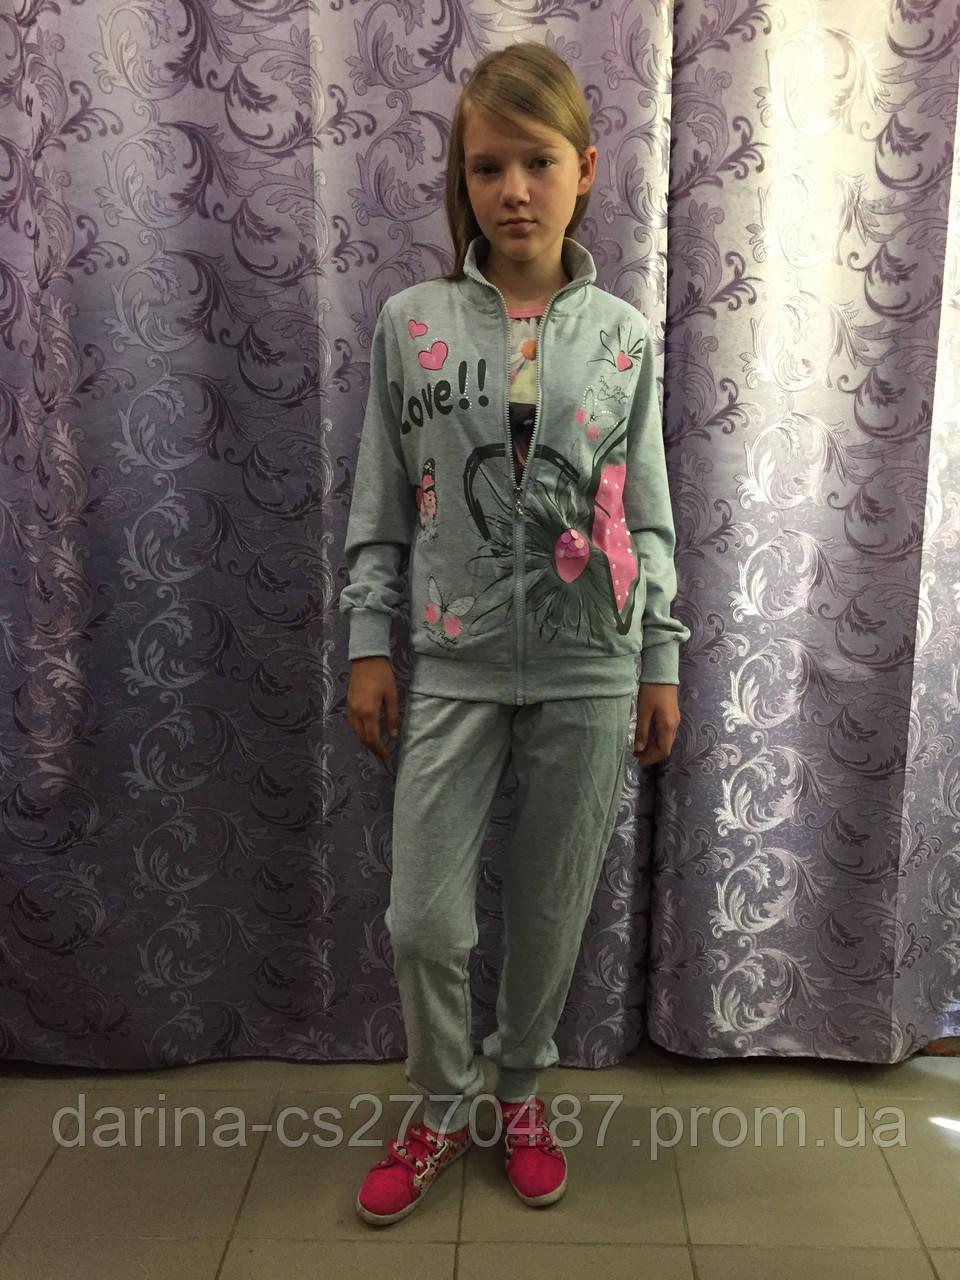 Спортивный костюм для девочки подростка без капюшона - Дарина - интернет  магазин детской и мужской одежды 2f1ec971337